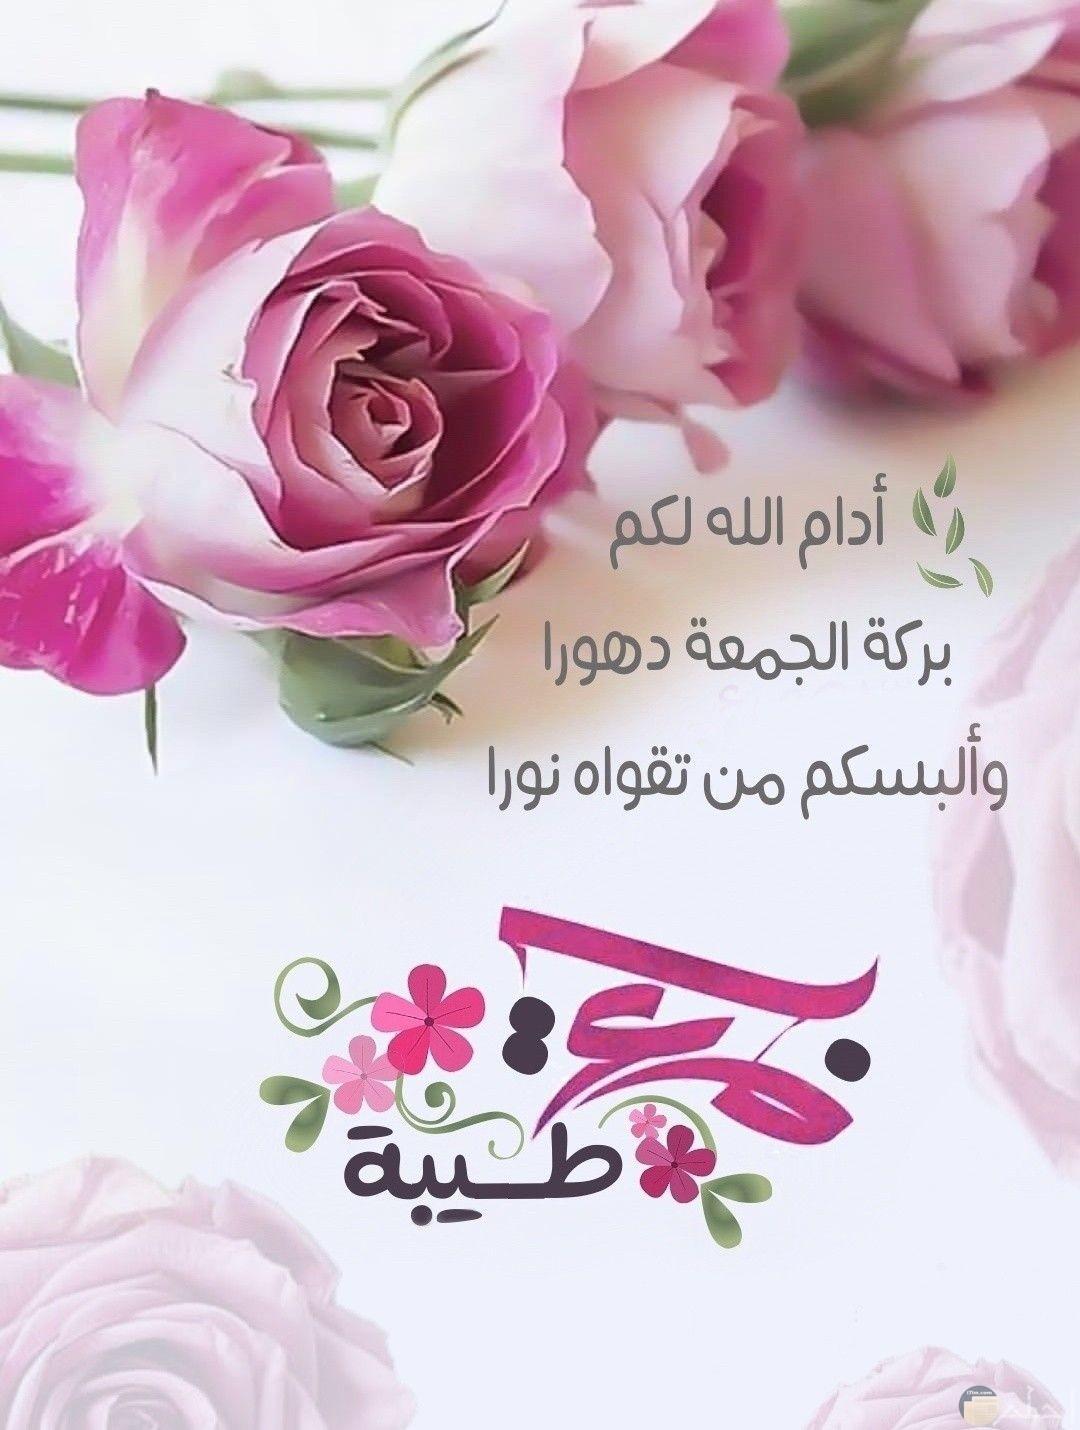 أدام الله لكم بركة الجمعه دهورا والبسكم من تقواه نورا